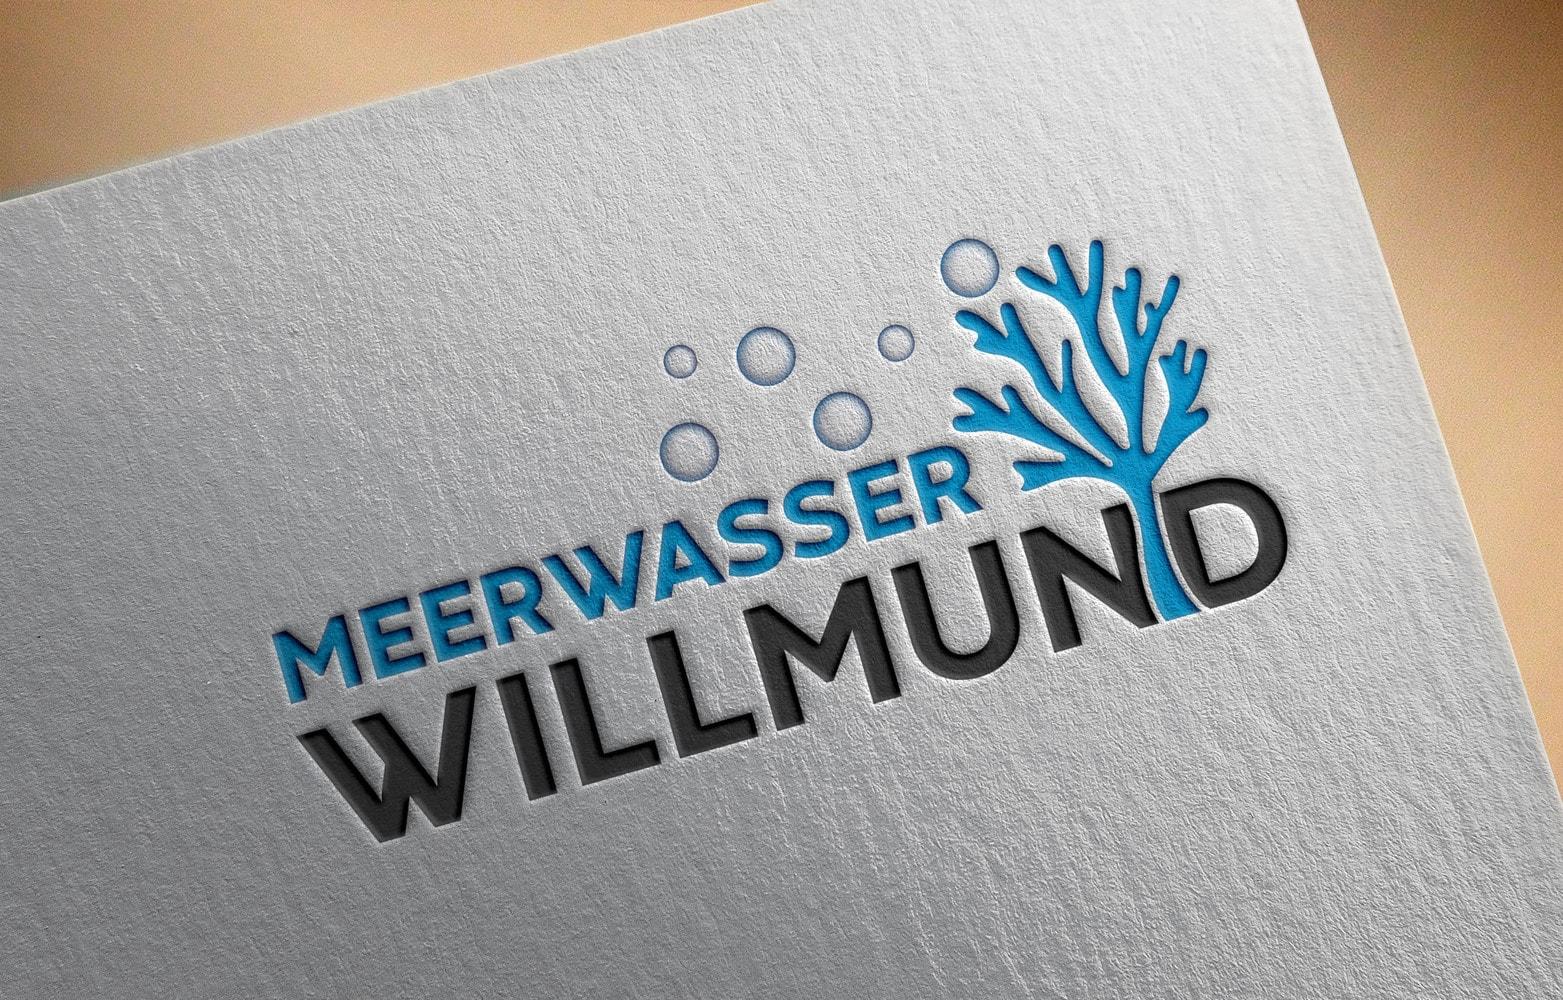 Meerwasser Willmund